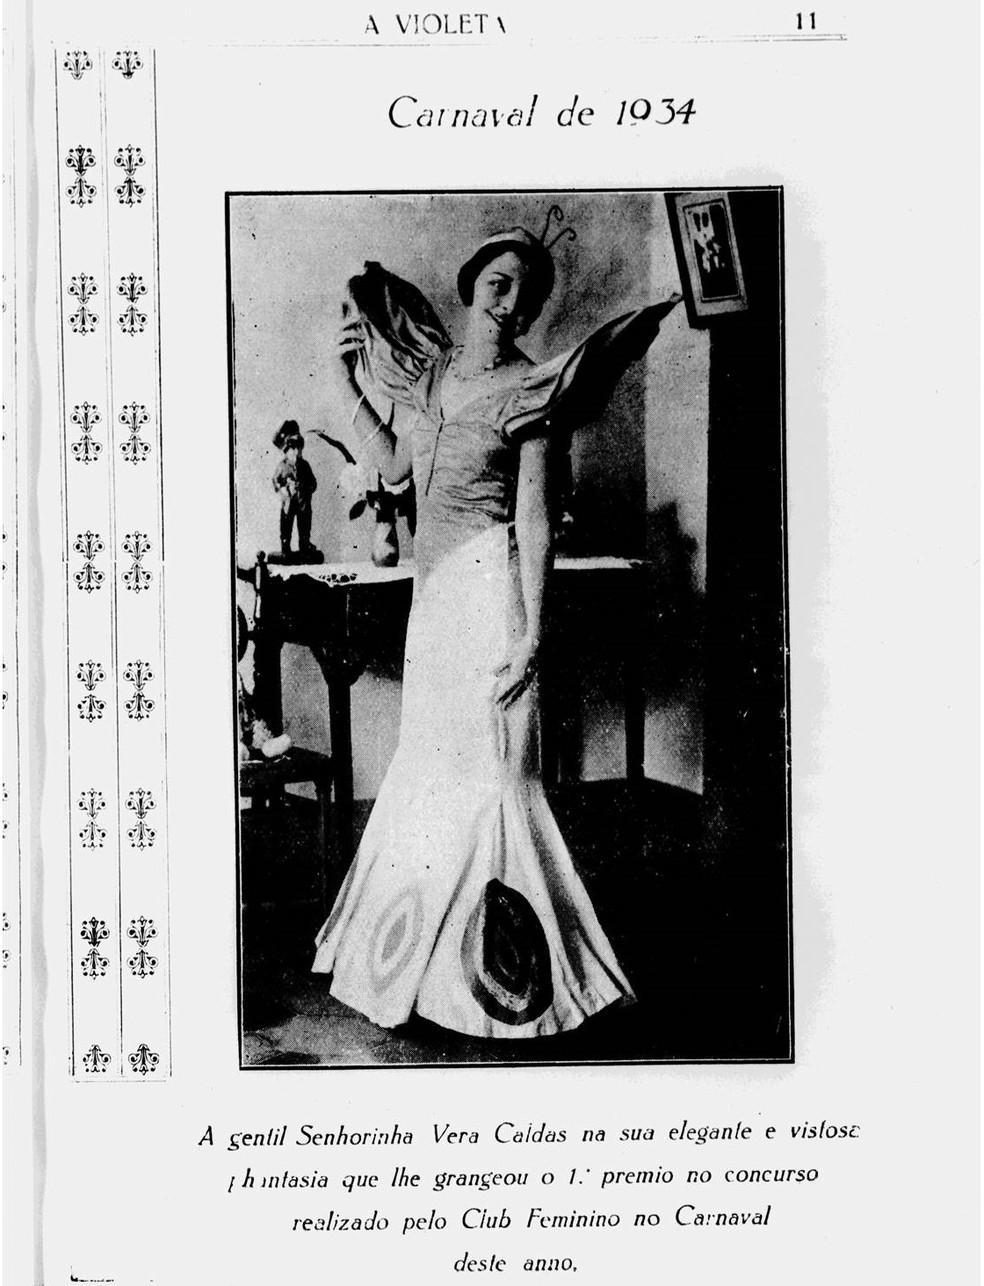 A Violeta, no Arquivo Público — Foto: Arquivo Público de MT